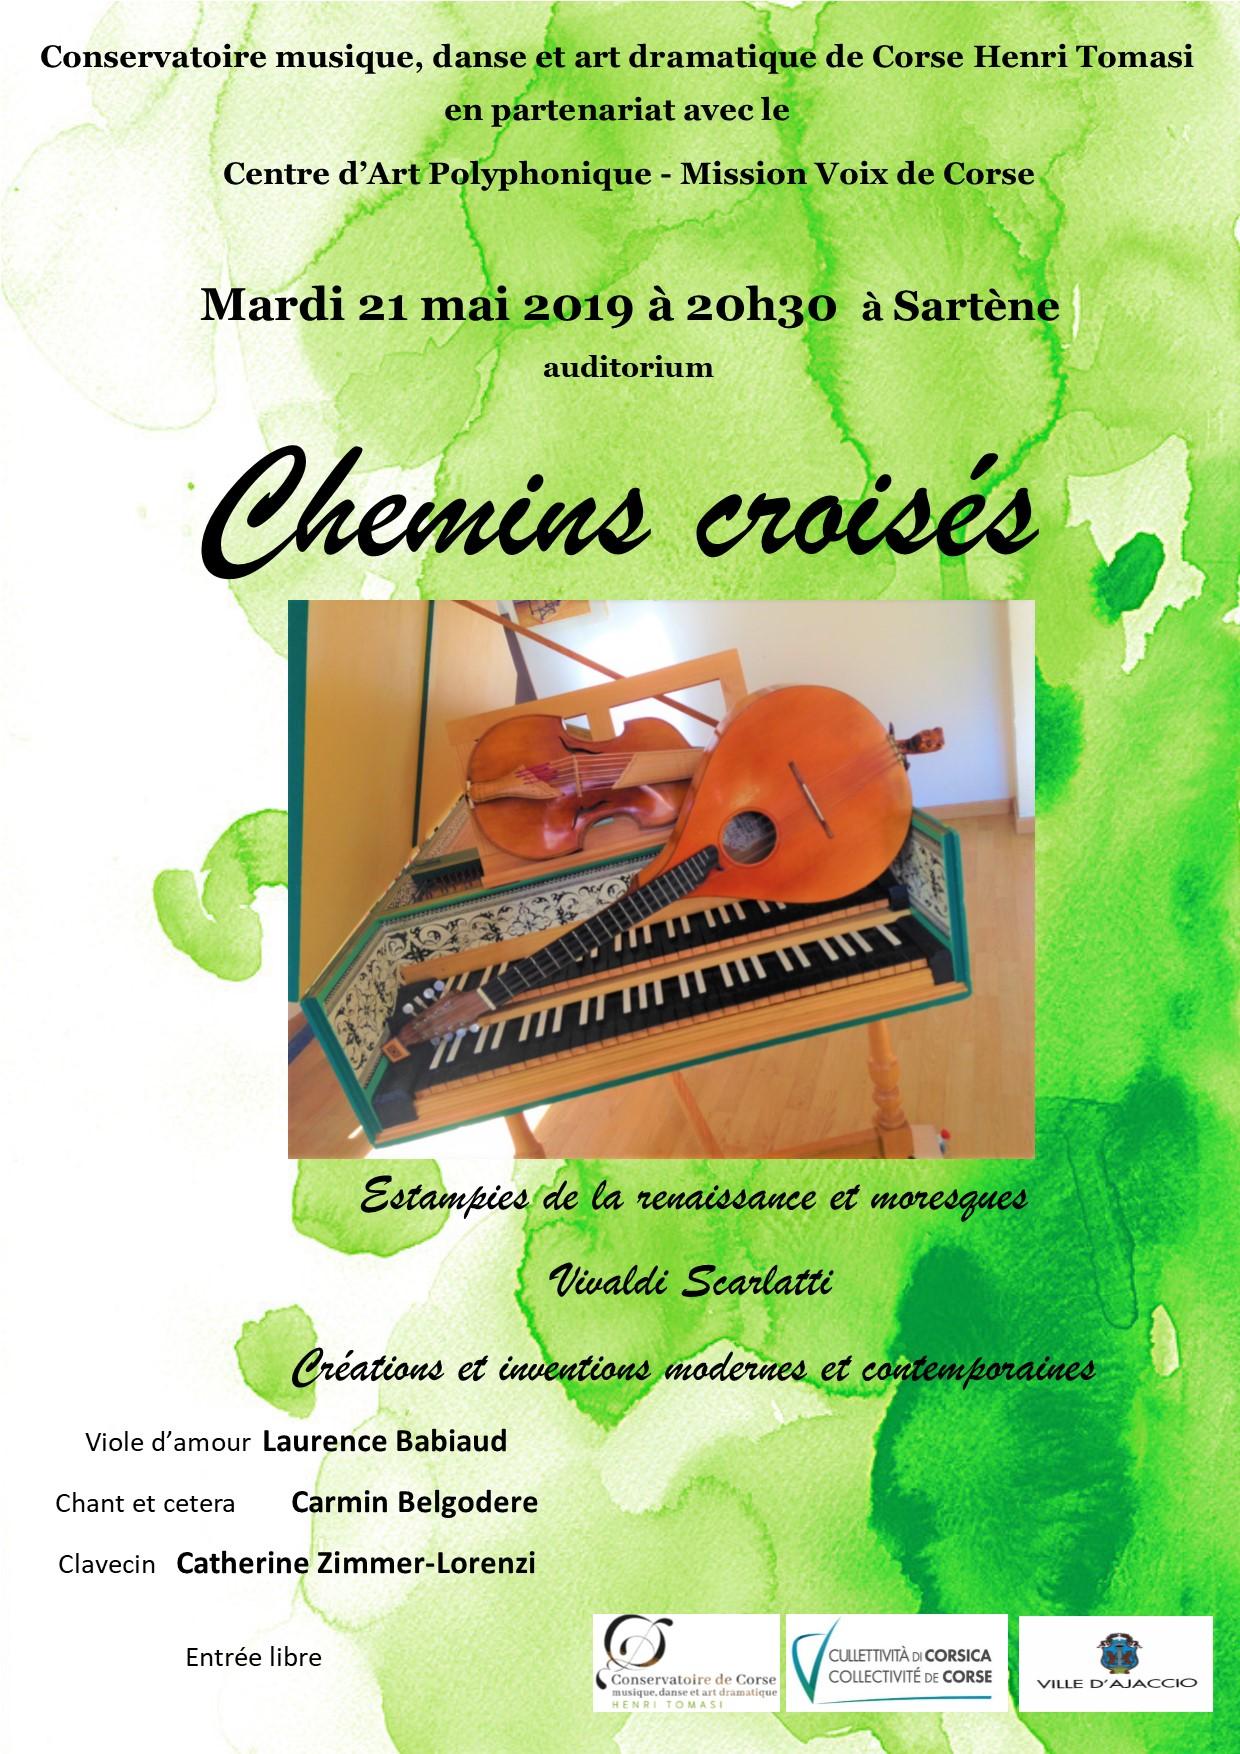 Sartene : un concert  au Centre d'Art Polyphonique le 21 mai